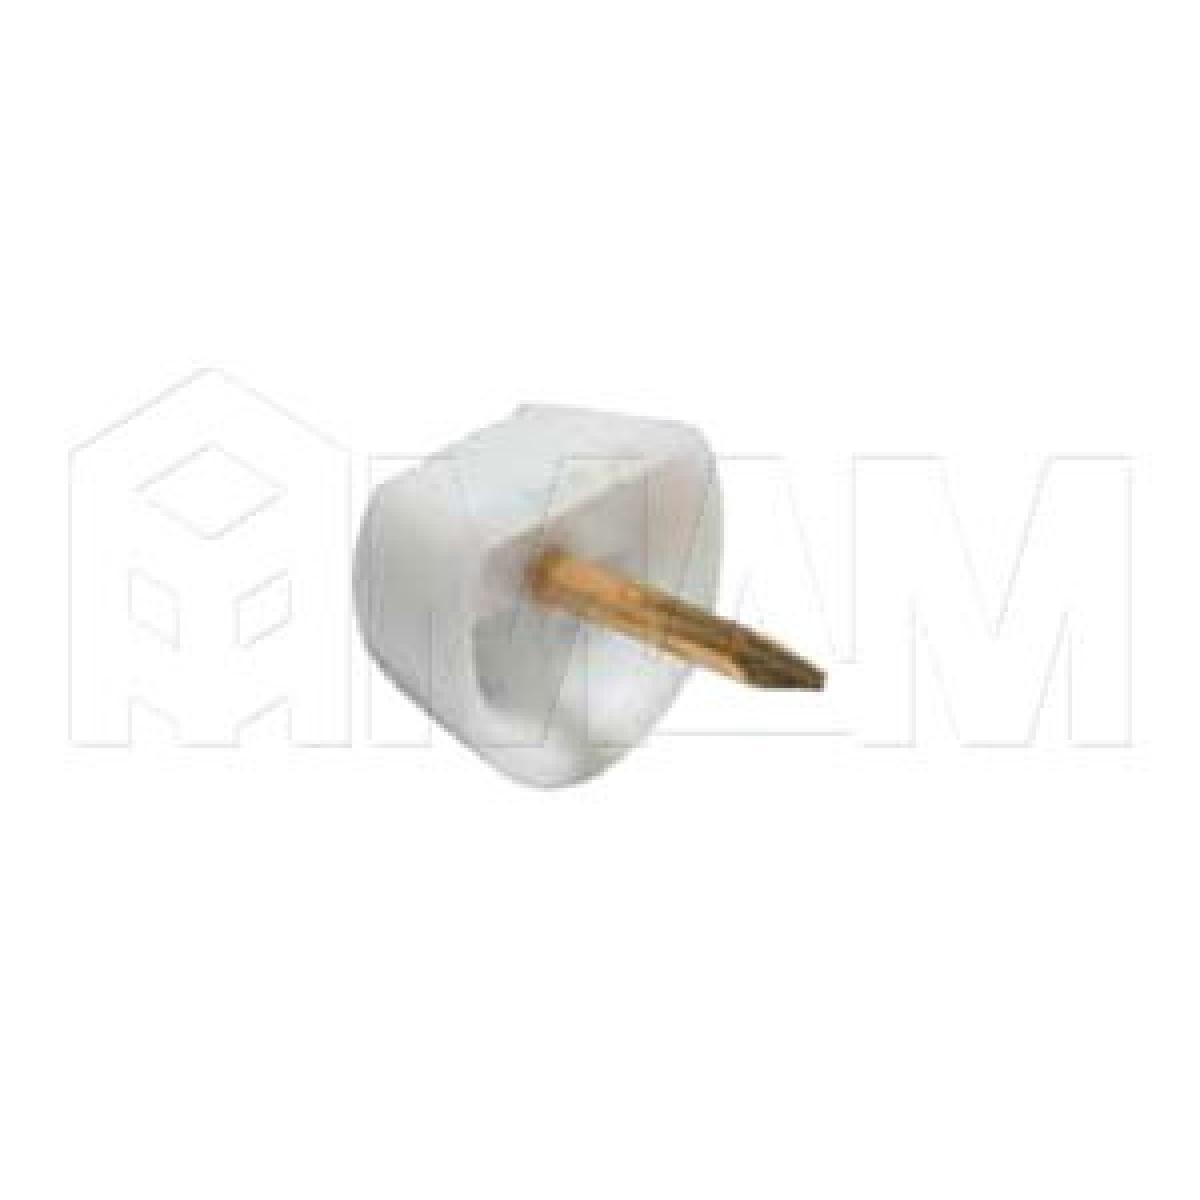 Полкодержатель с гвоздем для деревянных полок, белый